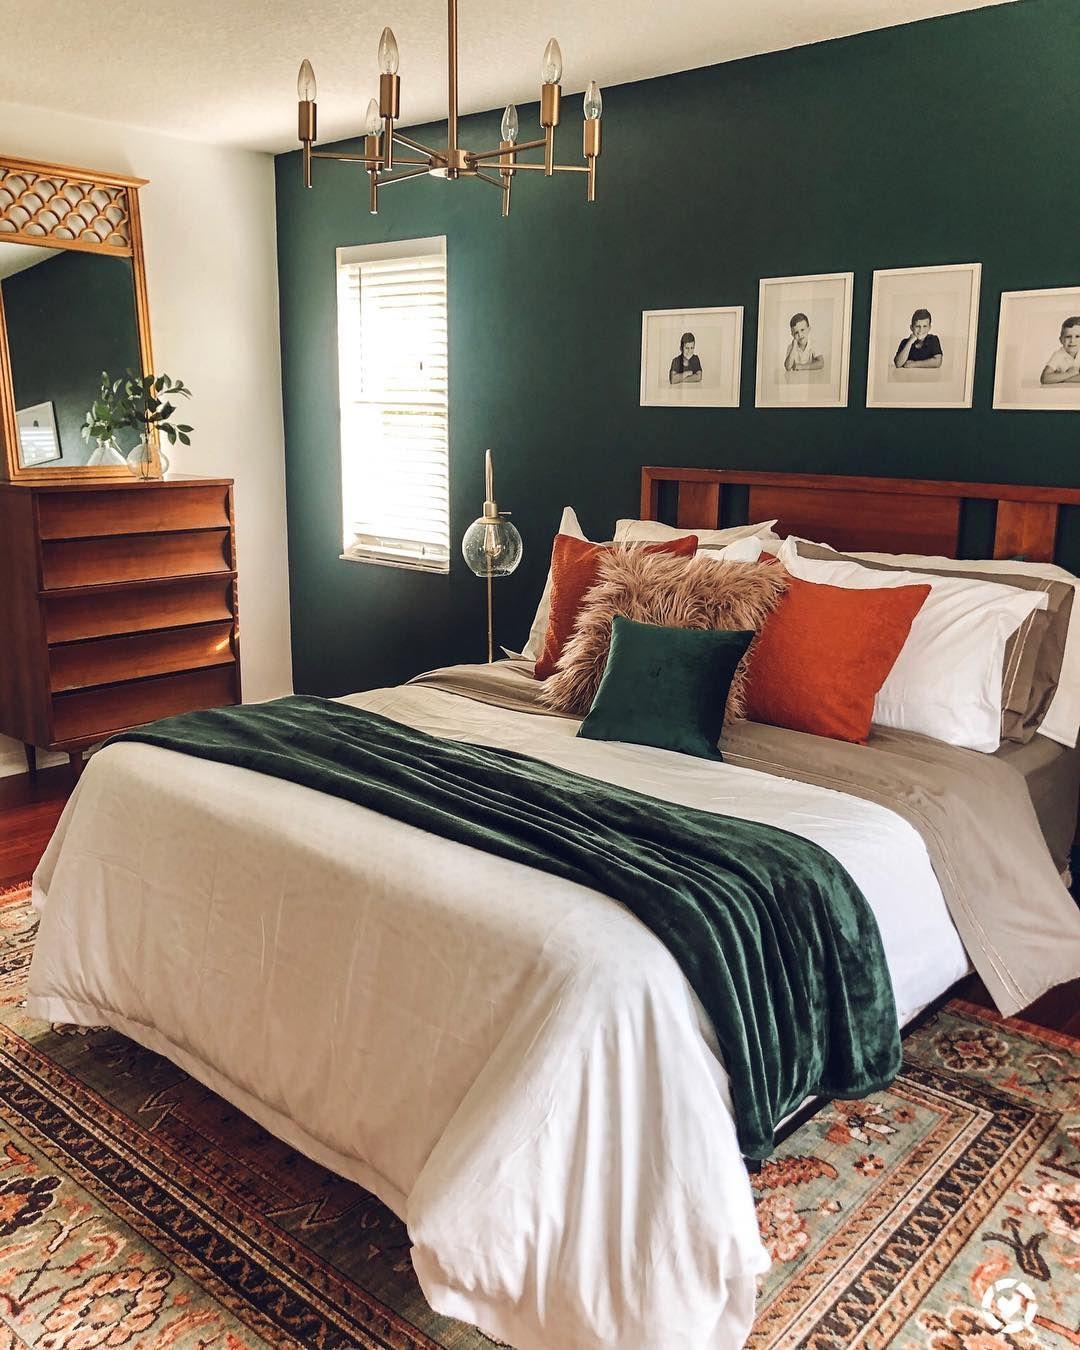 Ig Xosimplylo Eclectic Bedroom Bedroom Inspirations Home Decor Bedroom